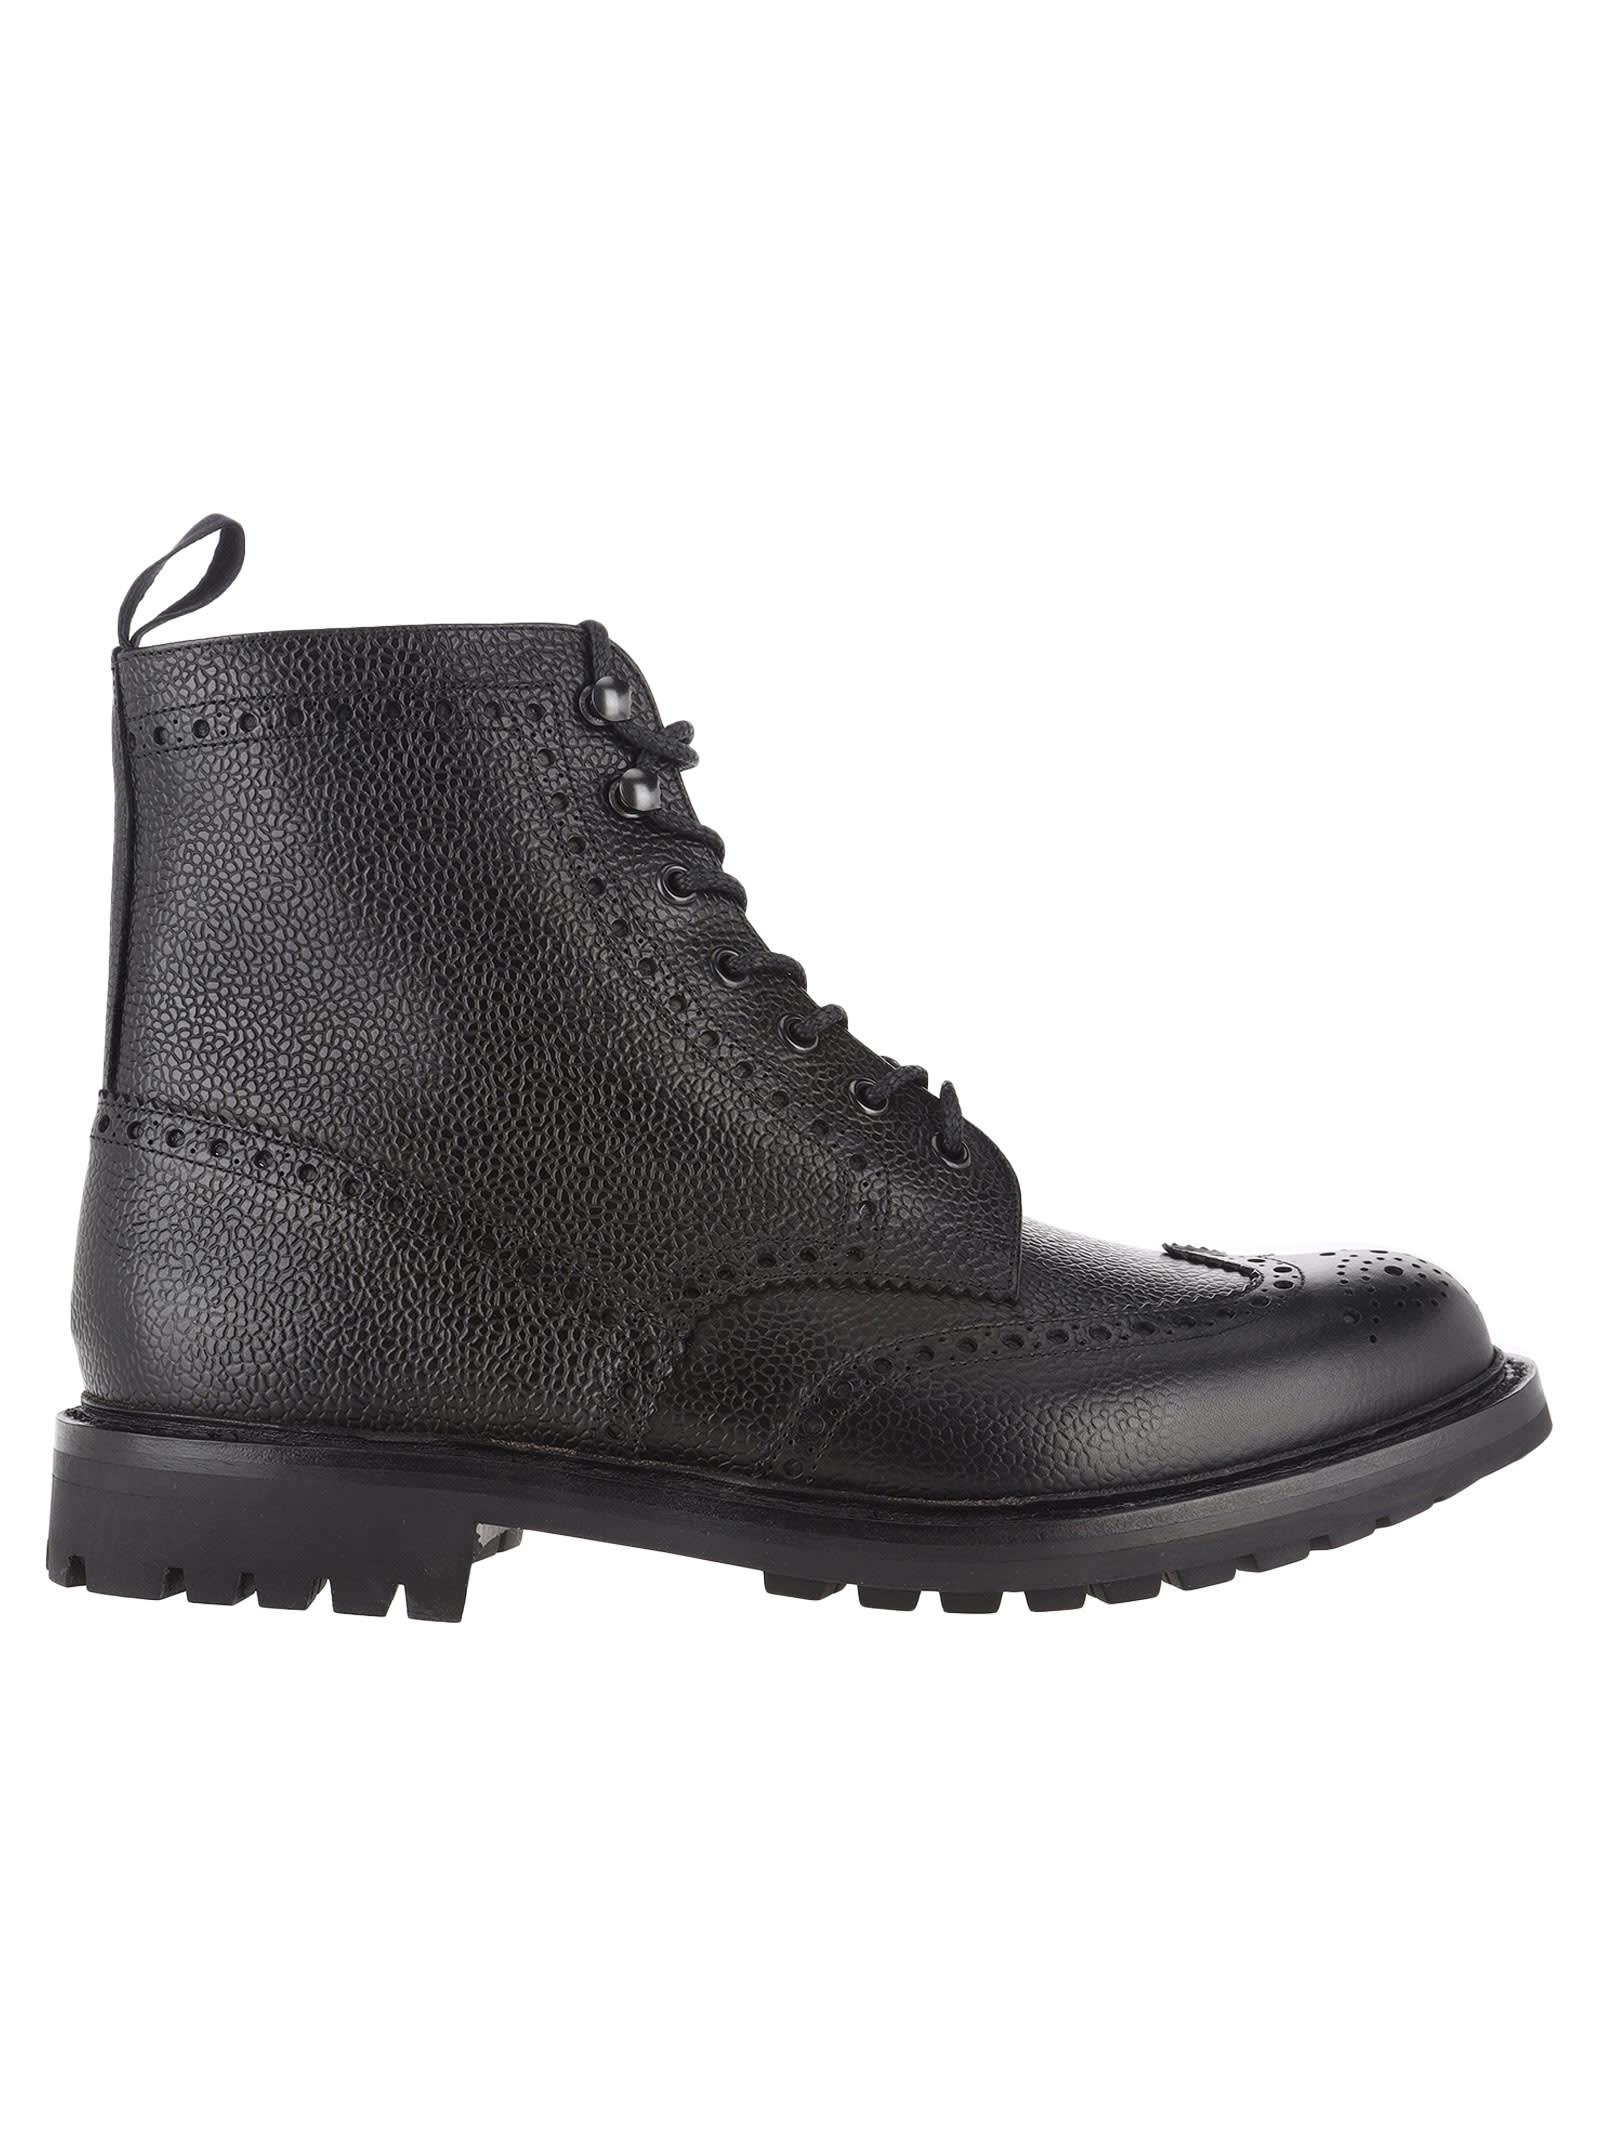 Churchs Mc Farlane 2 Boots